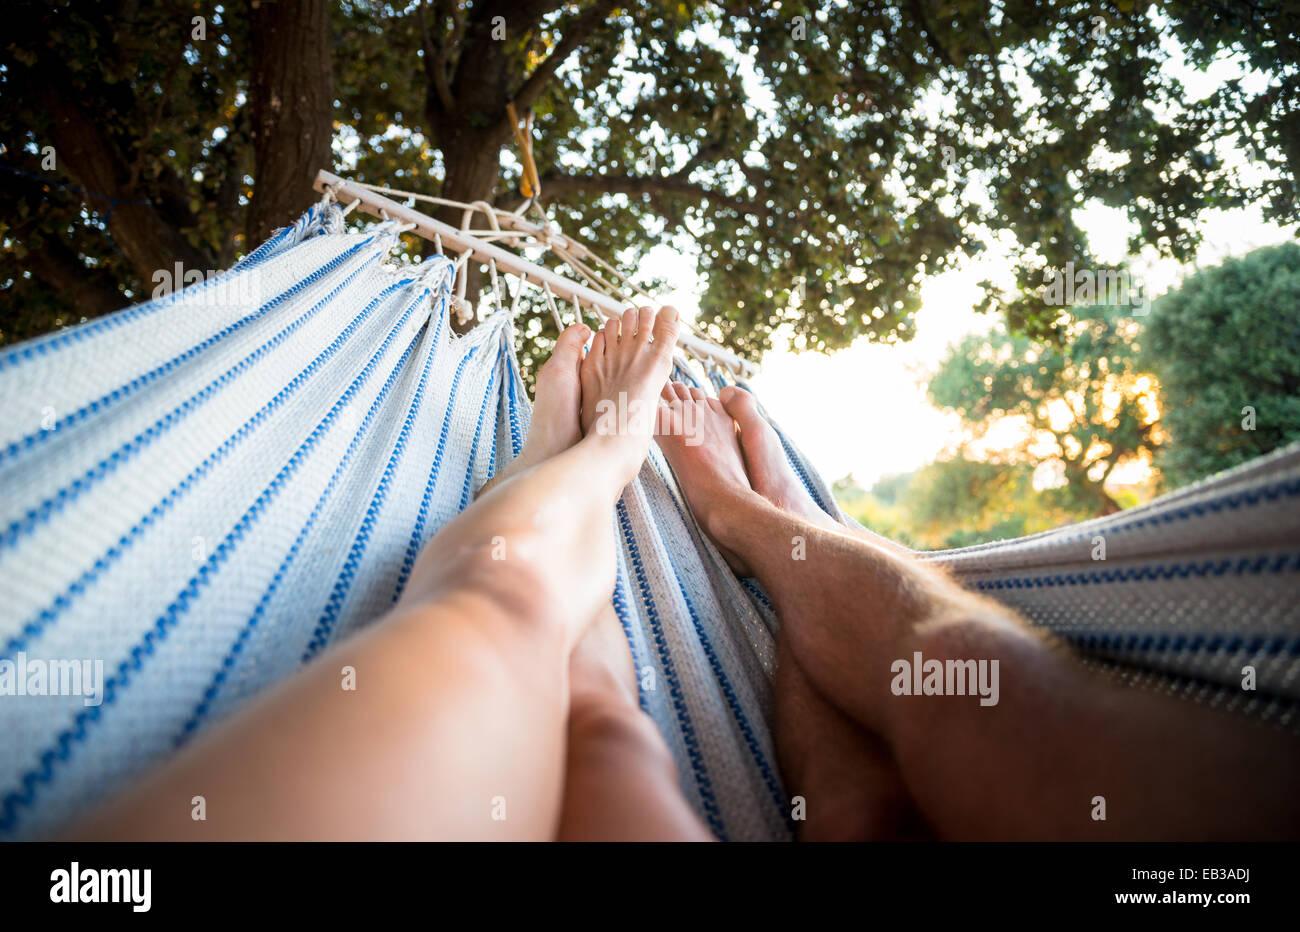 Paar zum Entspannen in der Hängematte unter Baum Stockbild